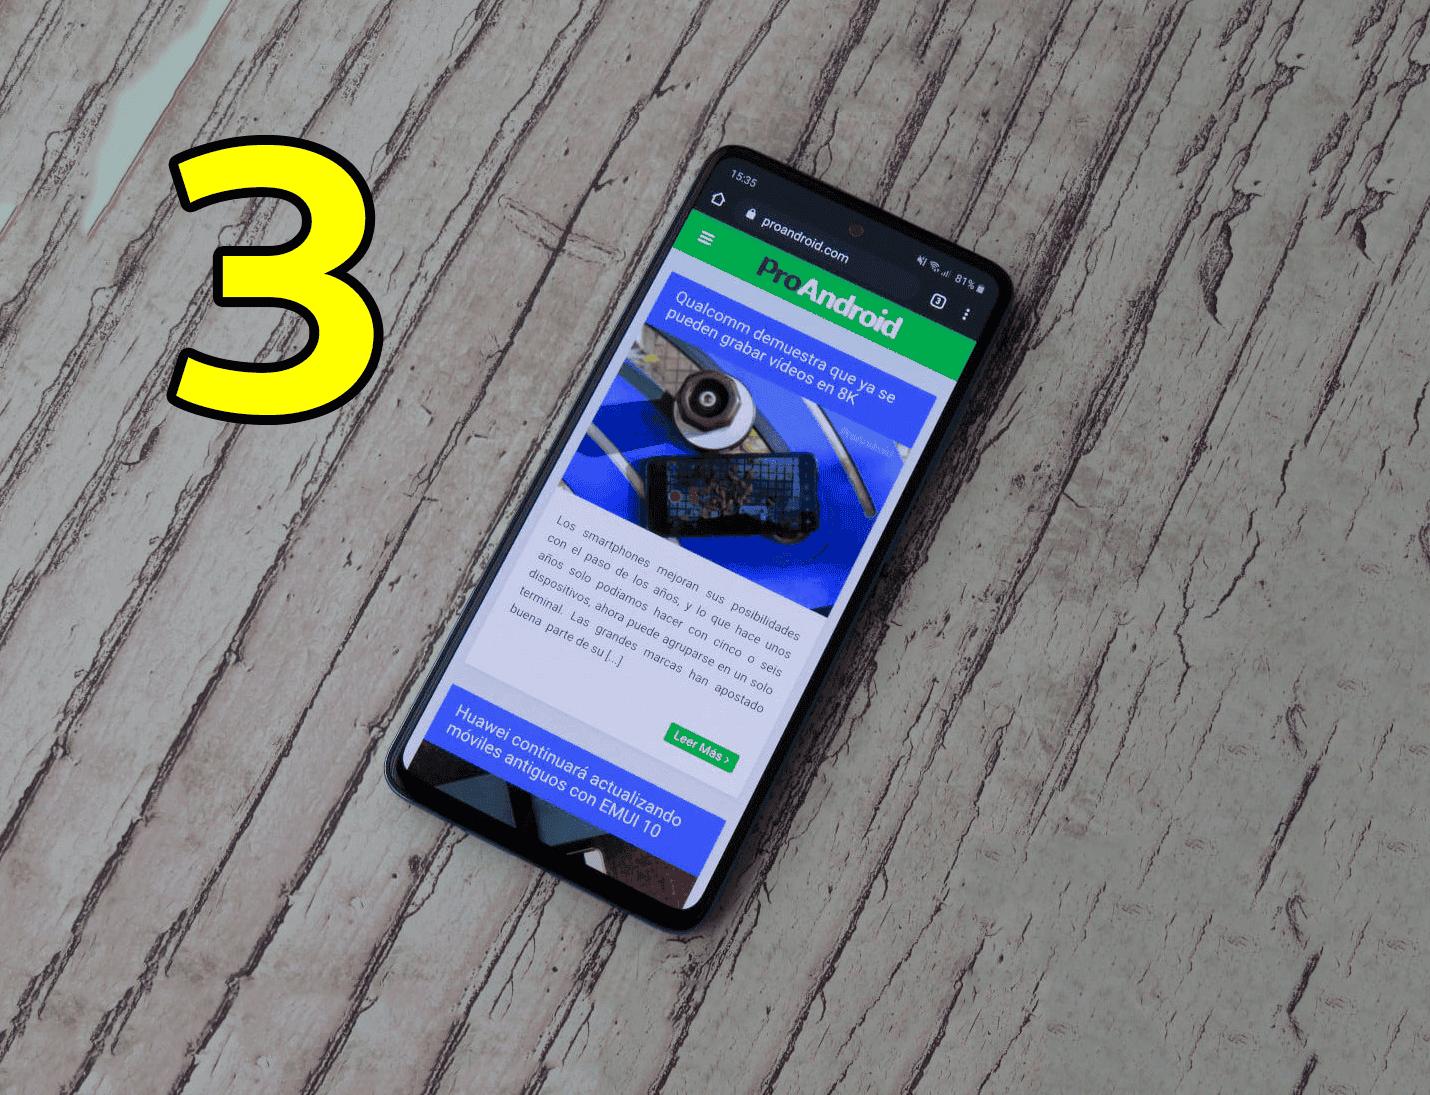 Las 3 formas de compartir Internet en un móvil Android: cuáles son y cómo funcionan